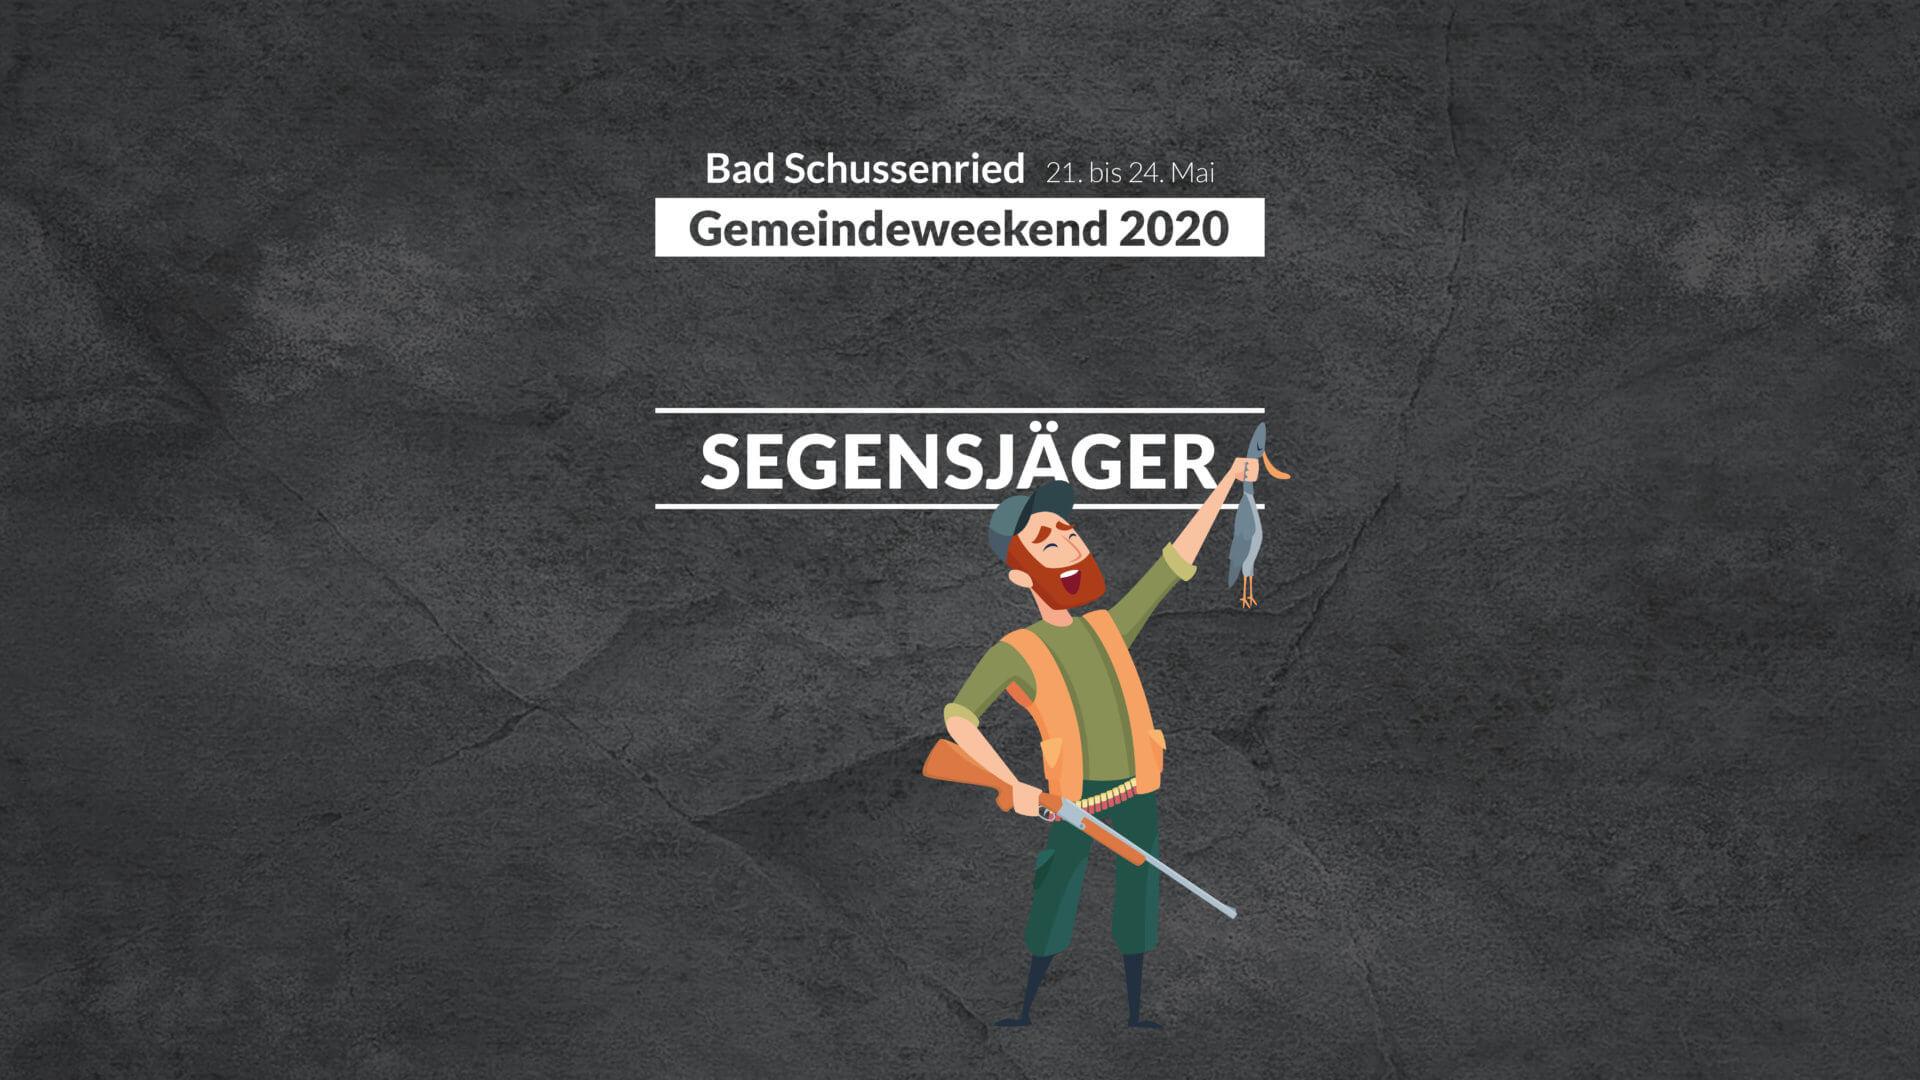 Gemeindeweekend_slide16_9